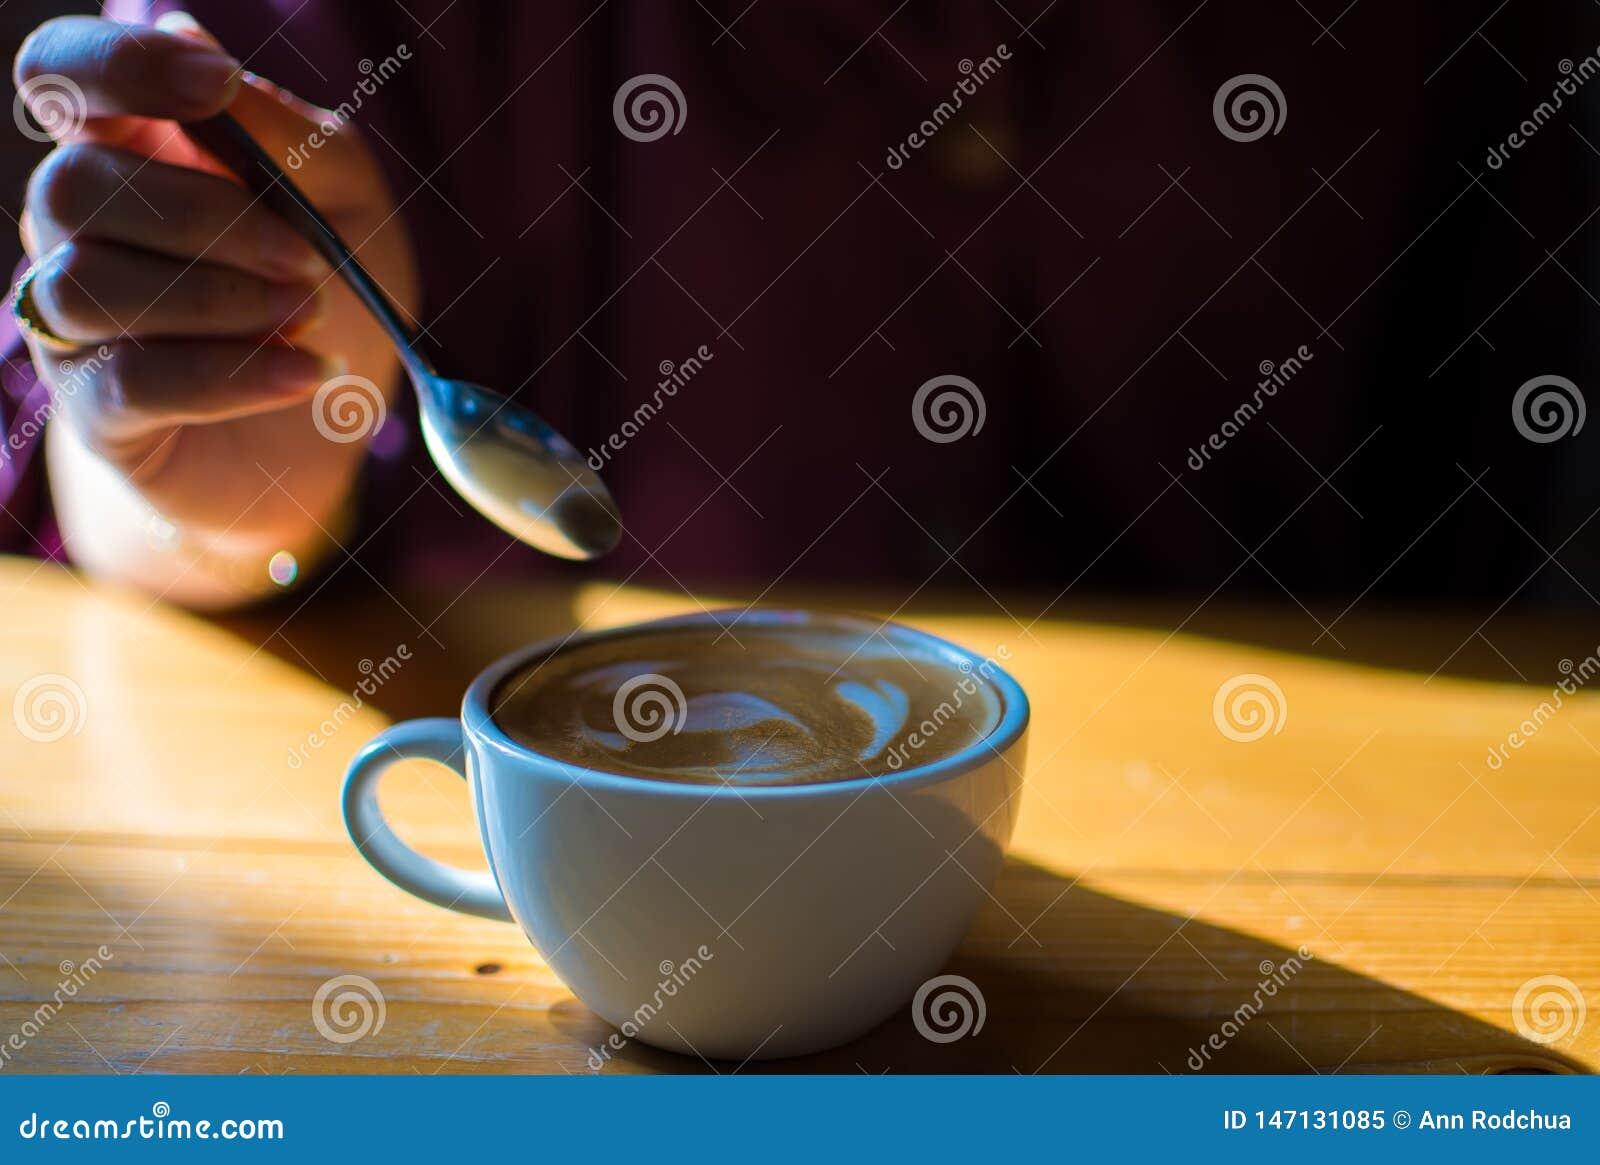 Ένα χέρι κρατά ένα κουτάλι για να δοκιμάσει latte τον καφέ